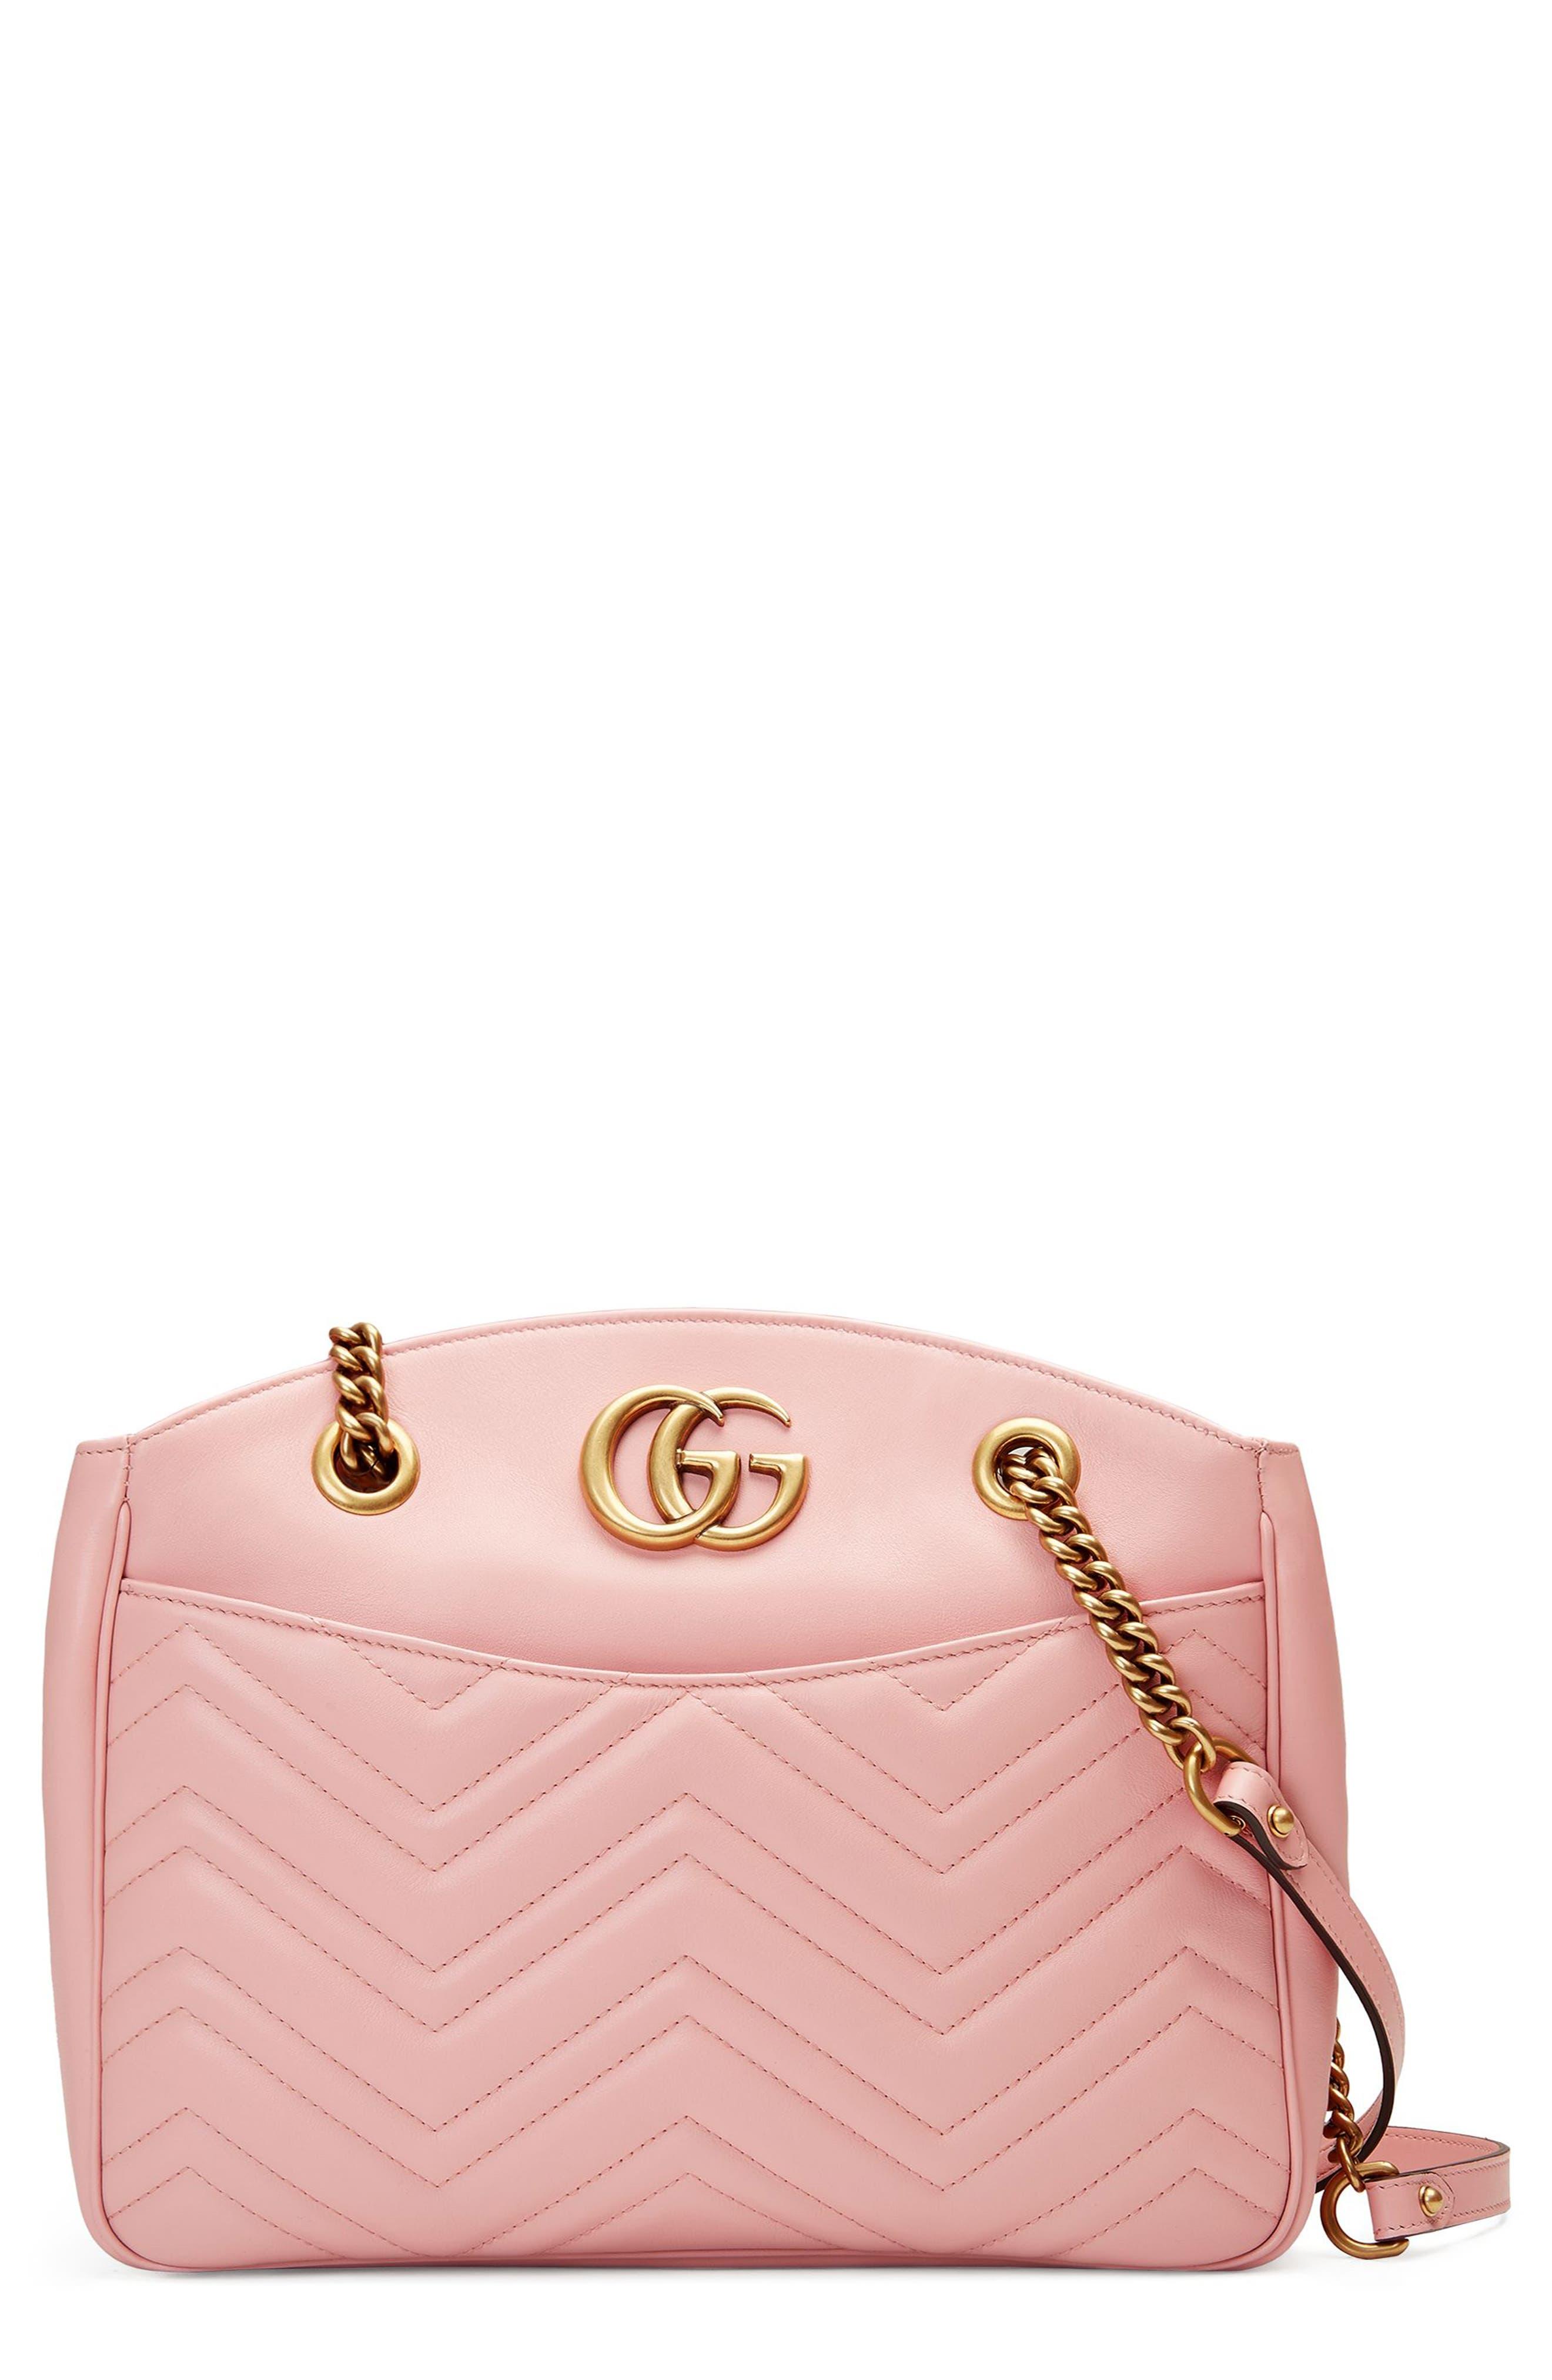 GG Marmont Matelassé Leather Shoulder Bag,                             Main thumbnail 1, color,                             Perfect Pink